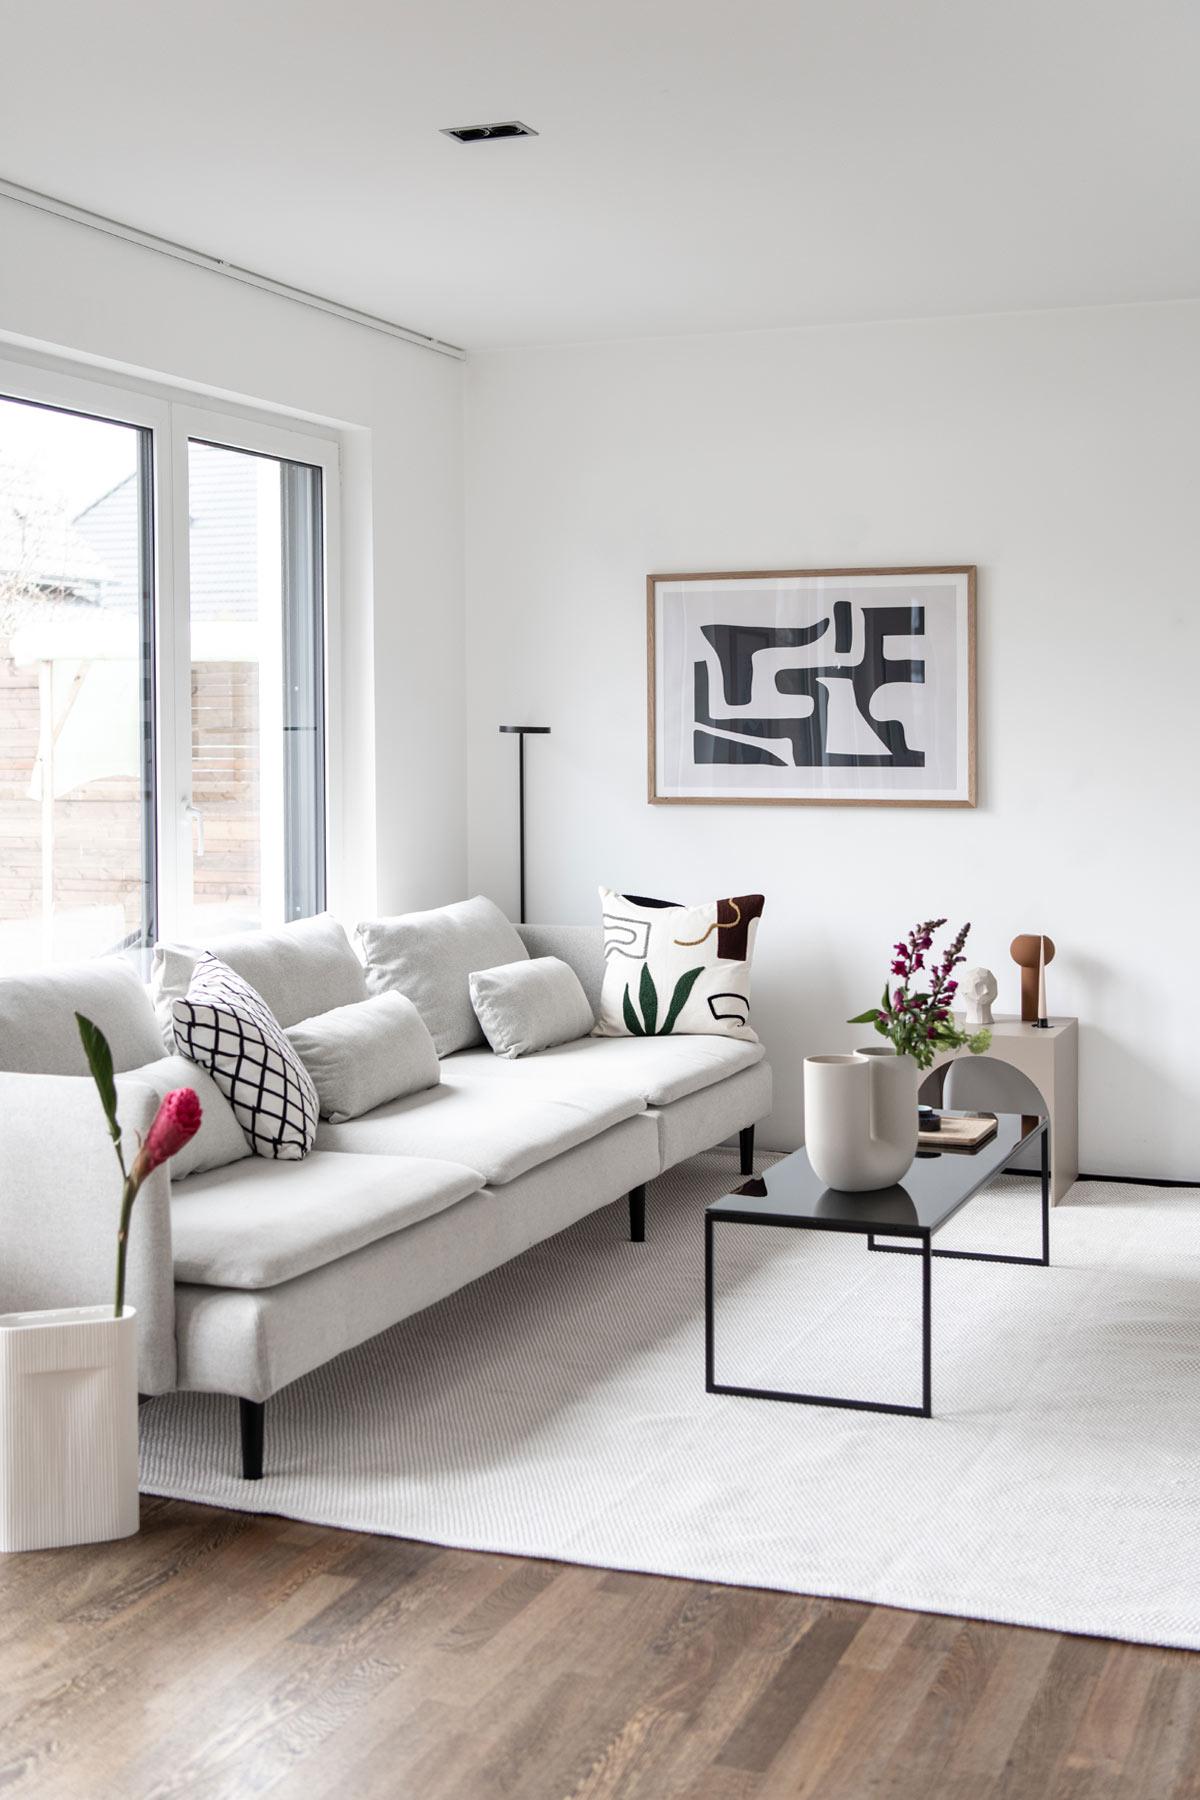 Söderhamn Sofa im Wohnzimmer